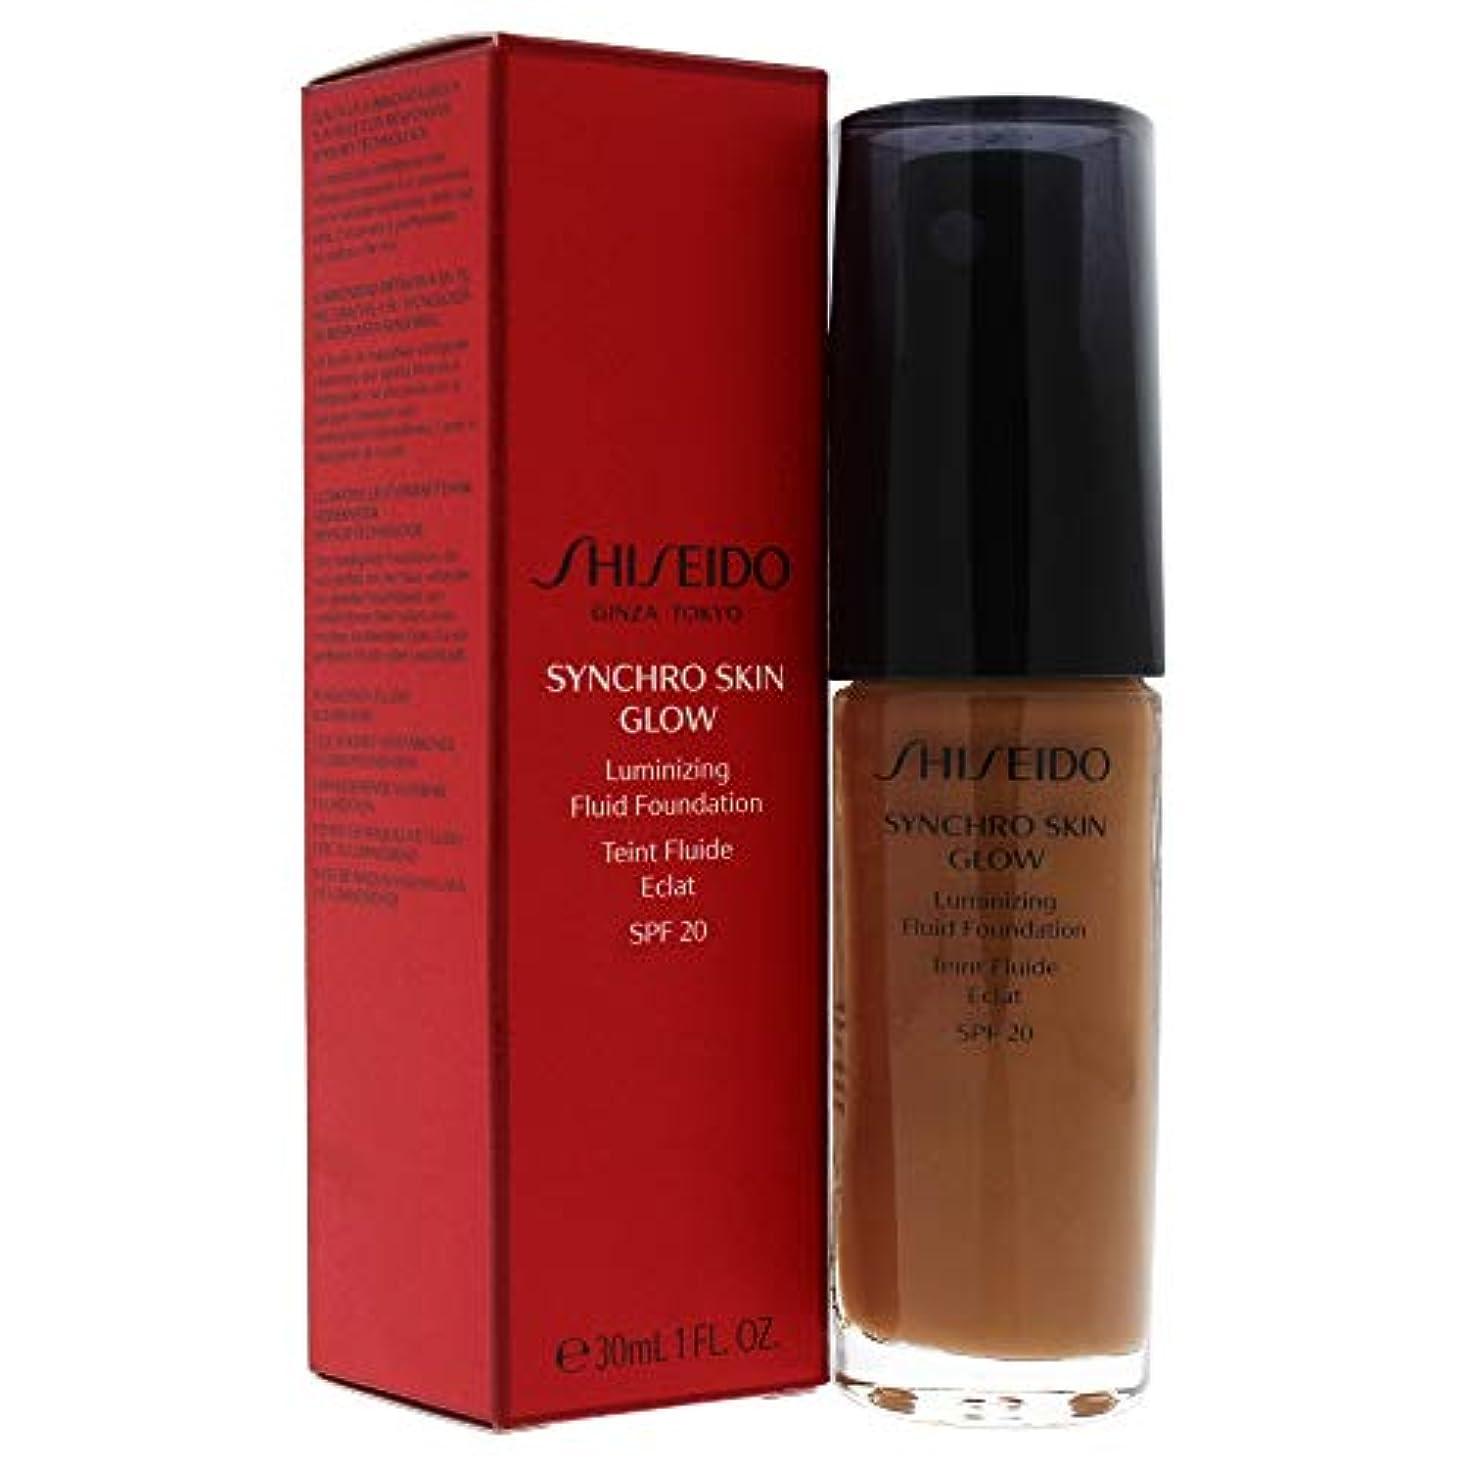 ひらめきスポーツをするブルジョンSynchro Skin Glow Luminizing Fluid Foundation SPF 20 - # 06 Golden